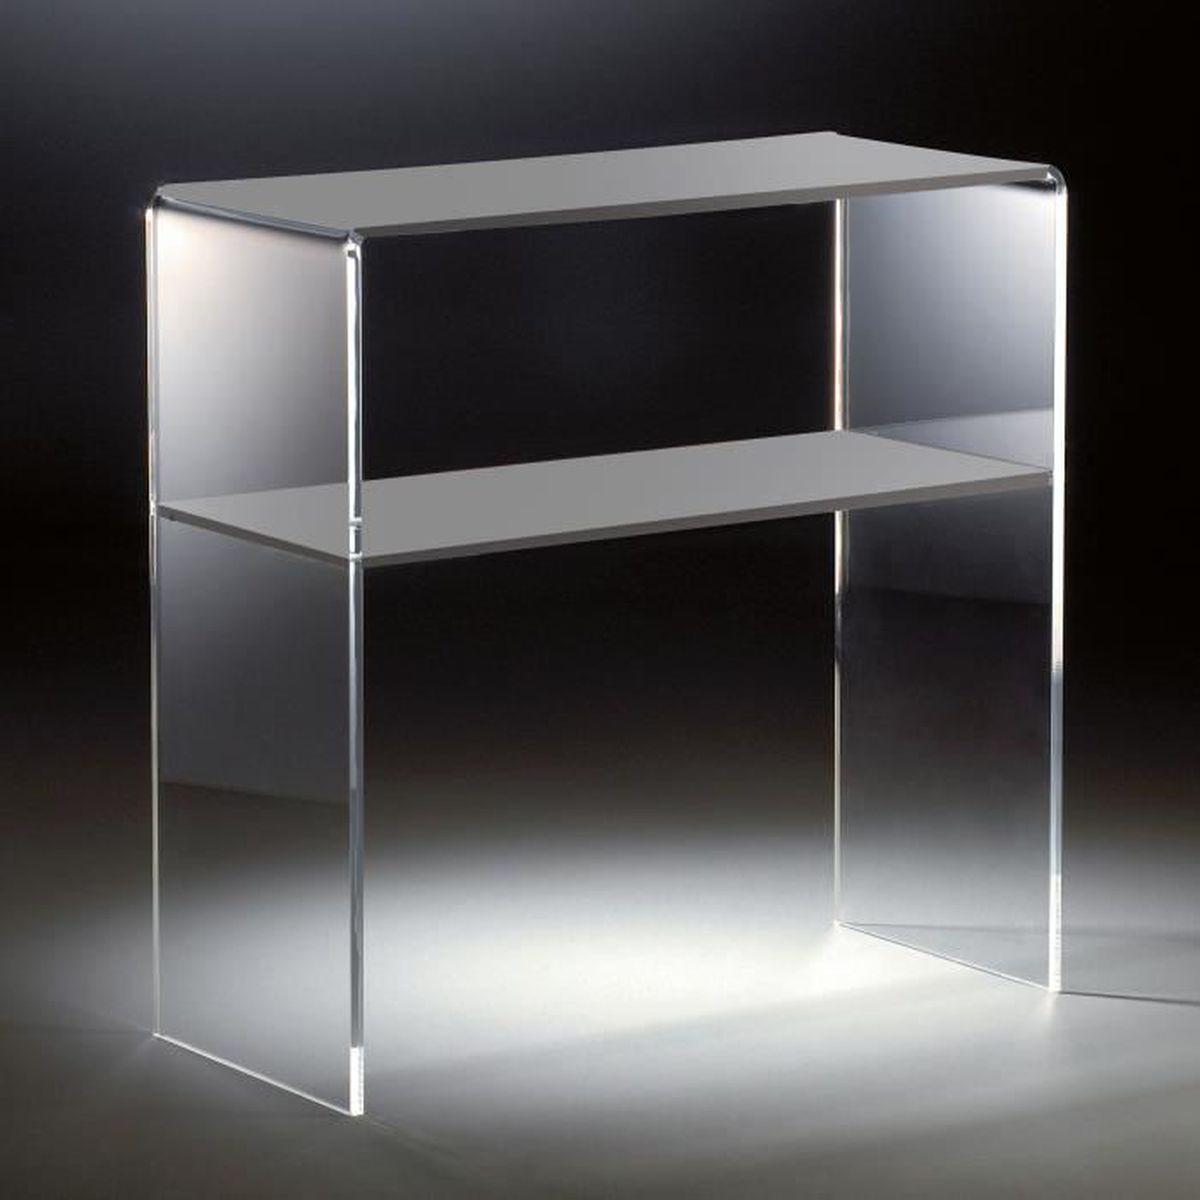 console en acrylique haute qualit 2 compartiments transparent gris clair 70 x 30 cm h 70. Black Bedroom Furniture Sets. Home Design Ideas